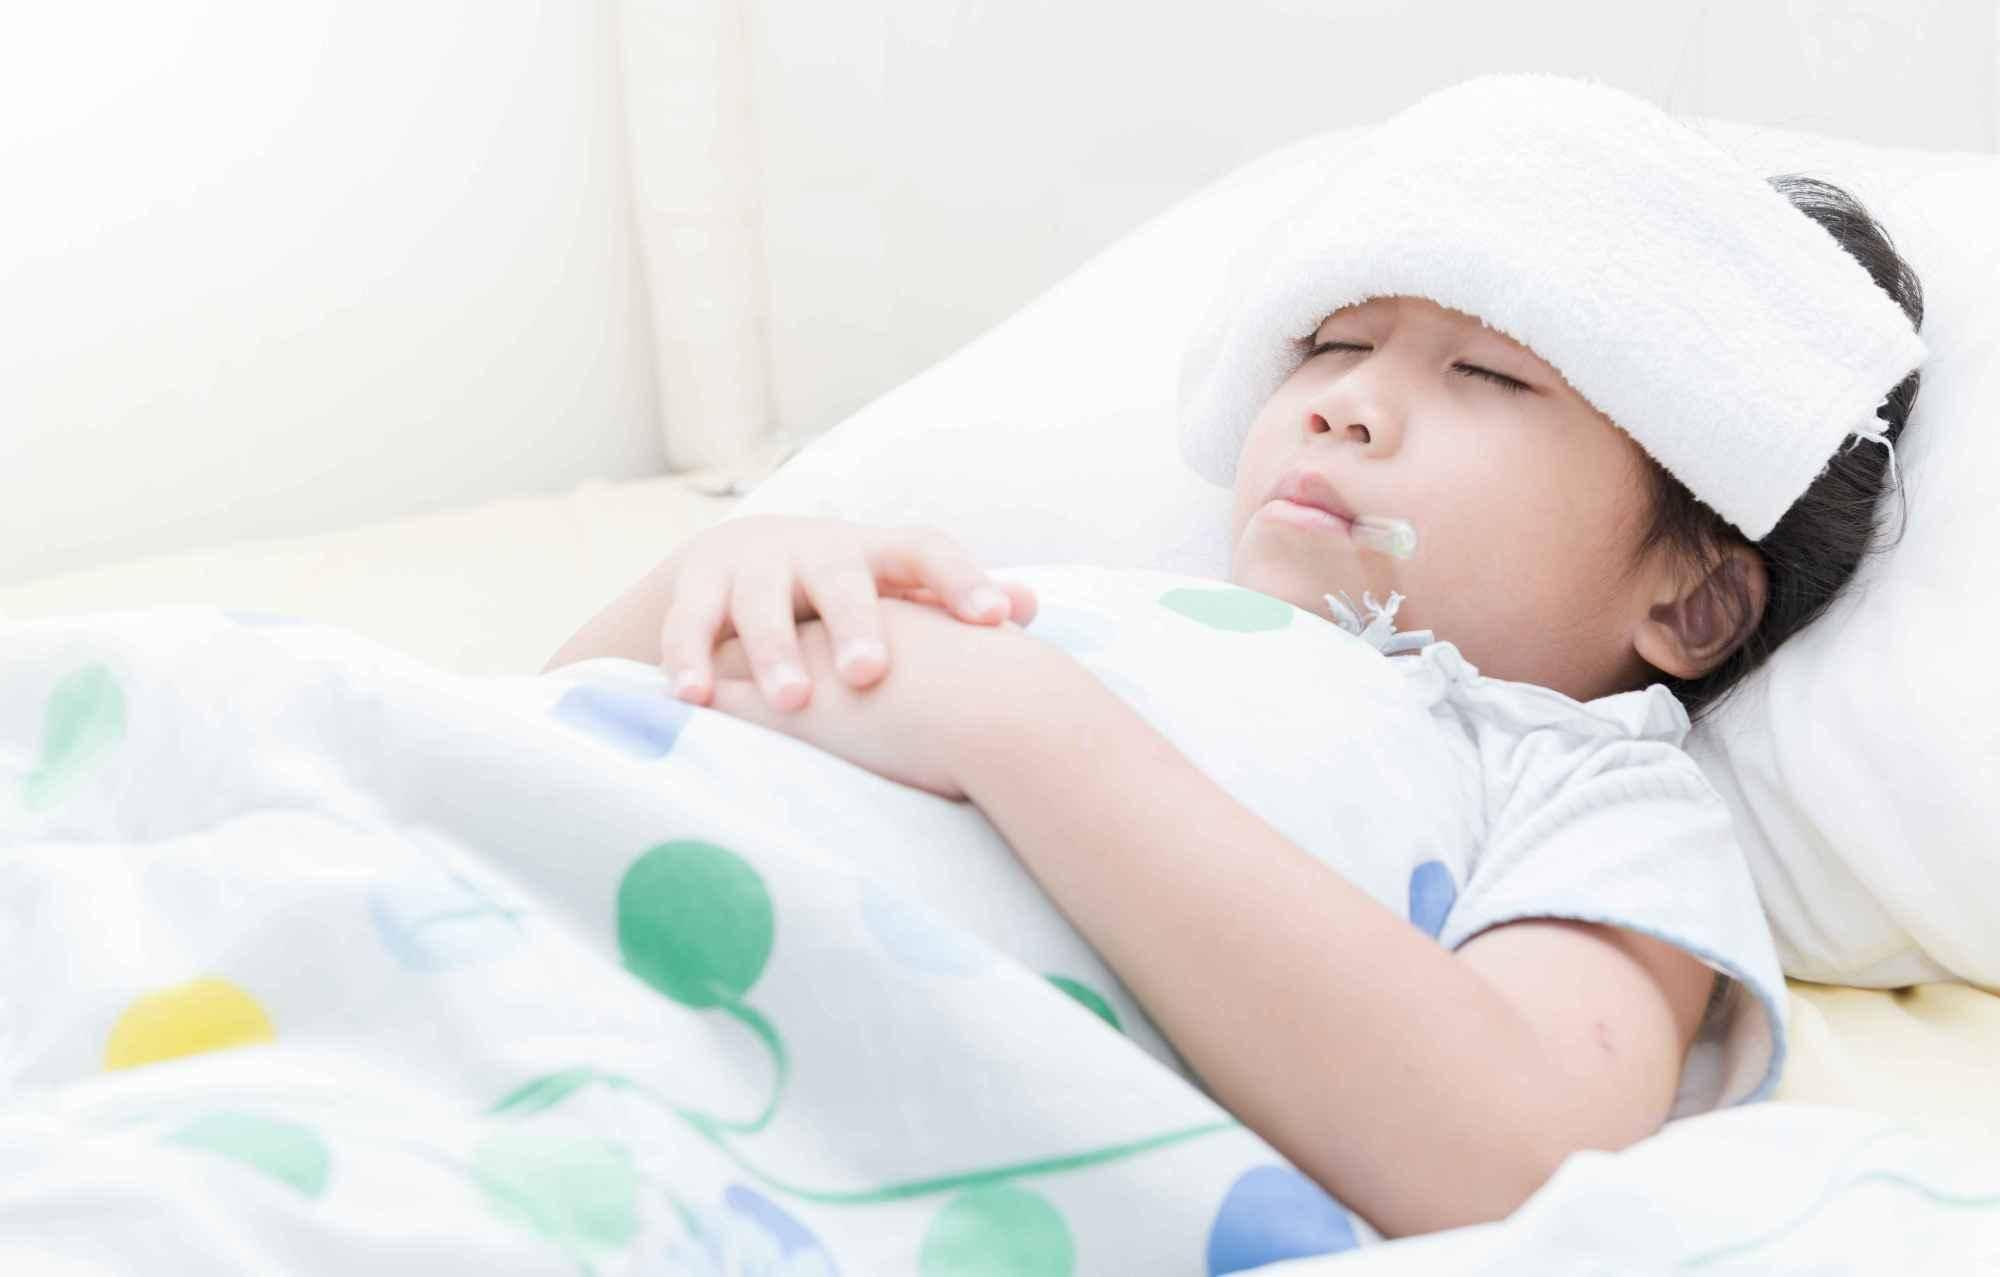 早晚温差大,孩子感冒发烧怎么办?  2岁宝宝发烧39度小妙招